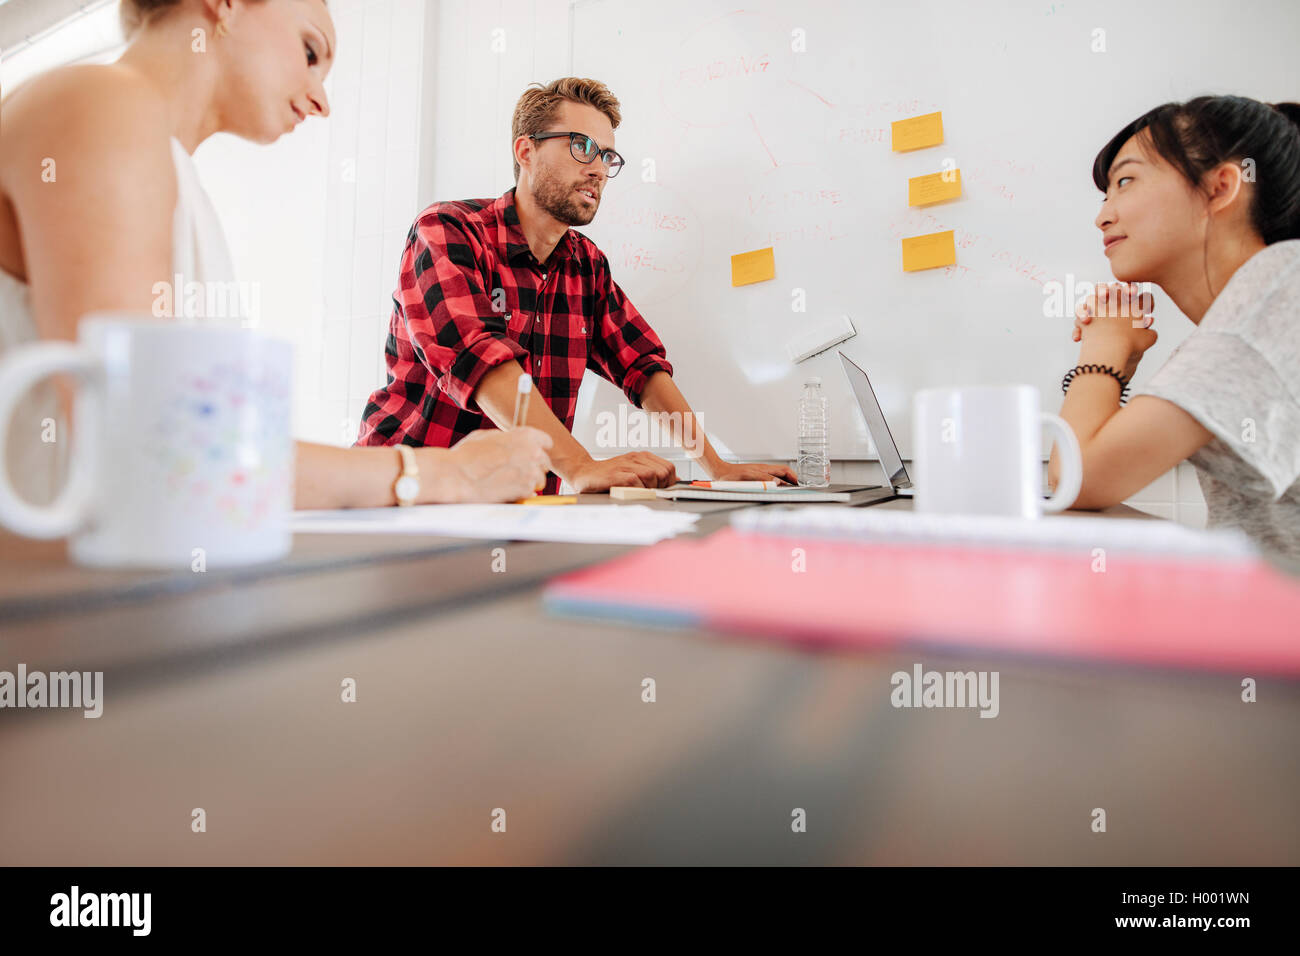 Un gruppo di dirigenti di avvio per discutere di nuove idee di business nel corso di una riunione in un moderno Immagini Stock